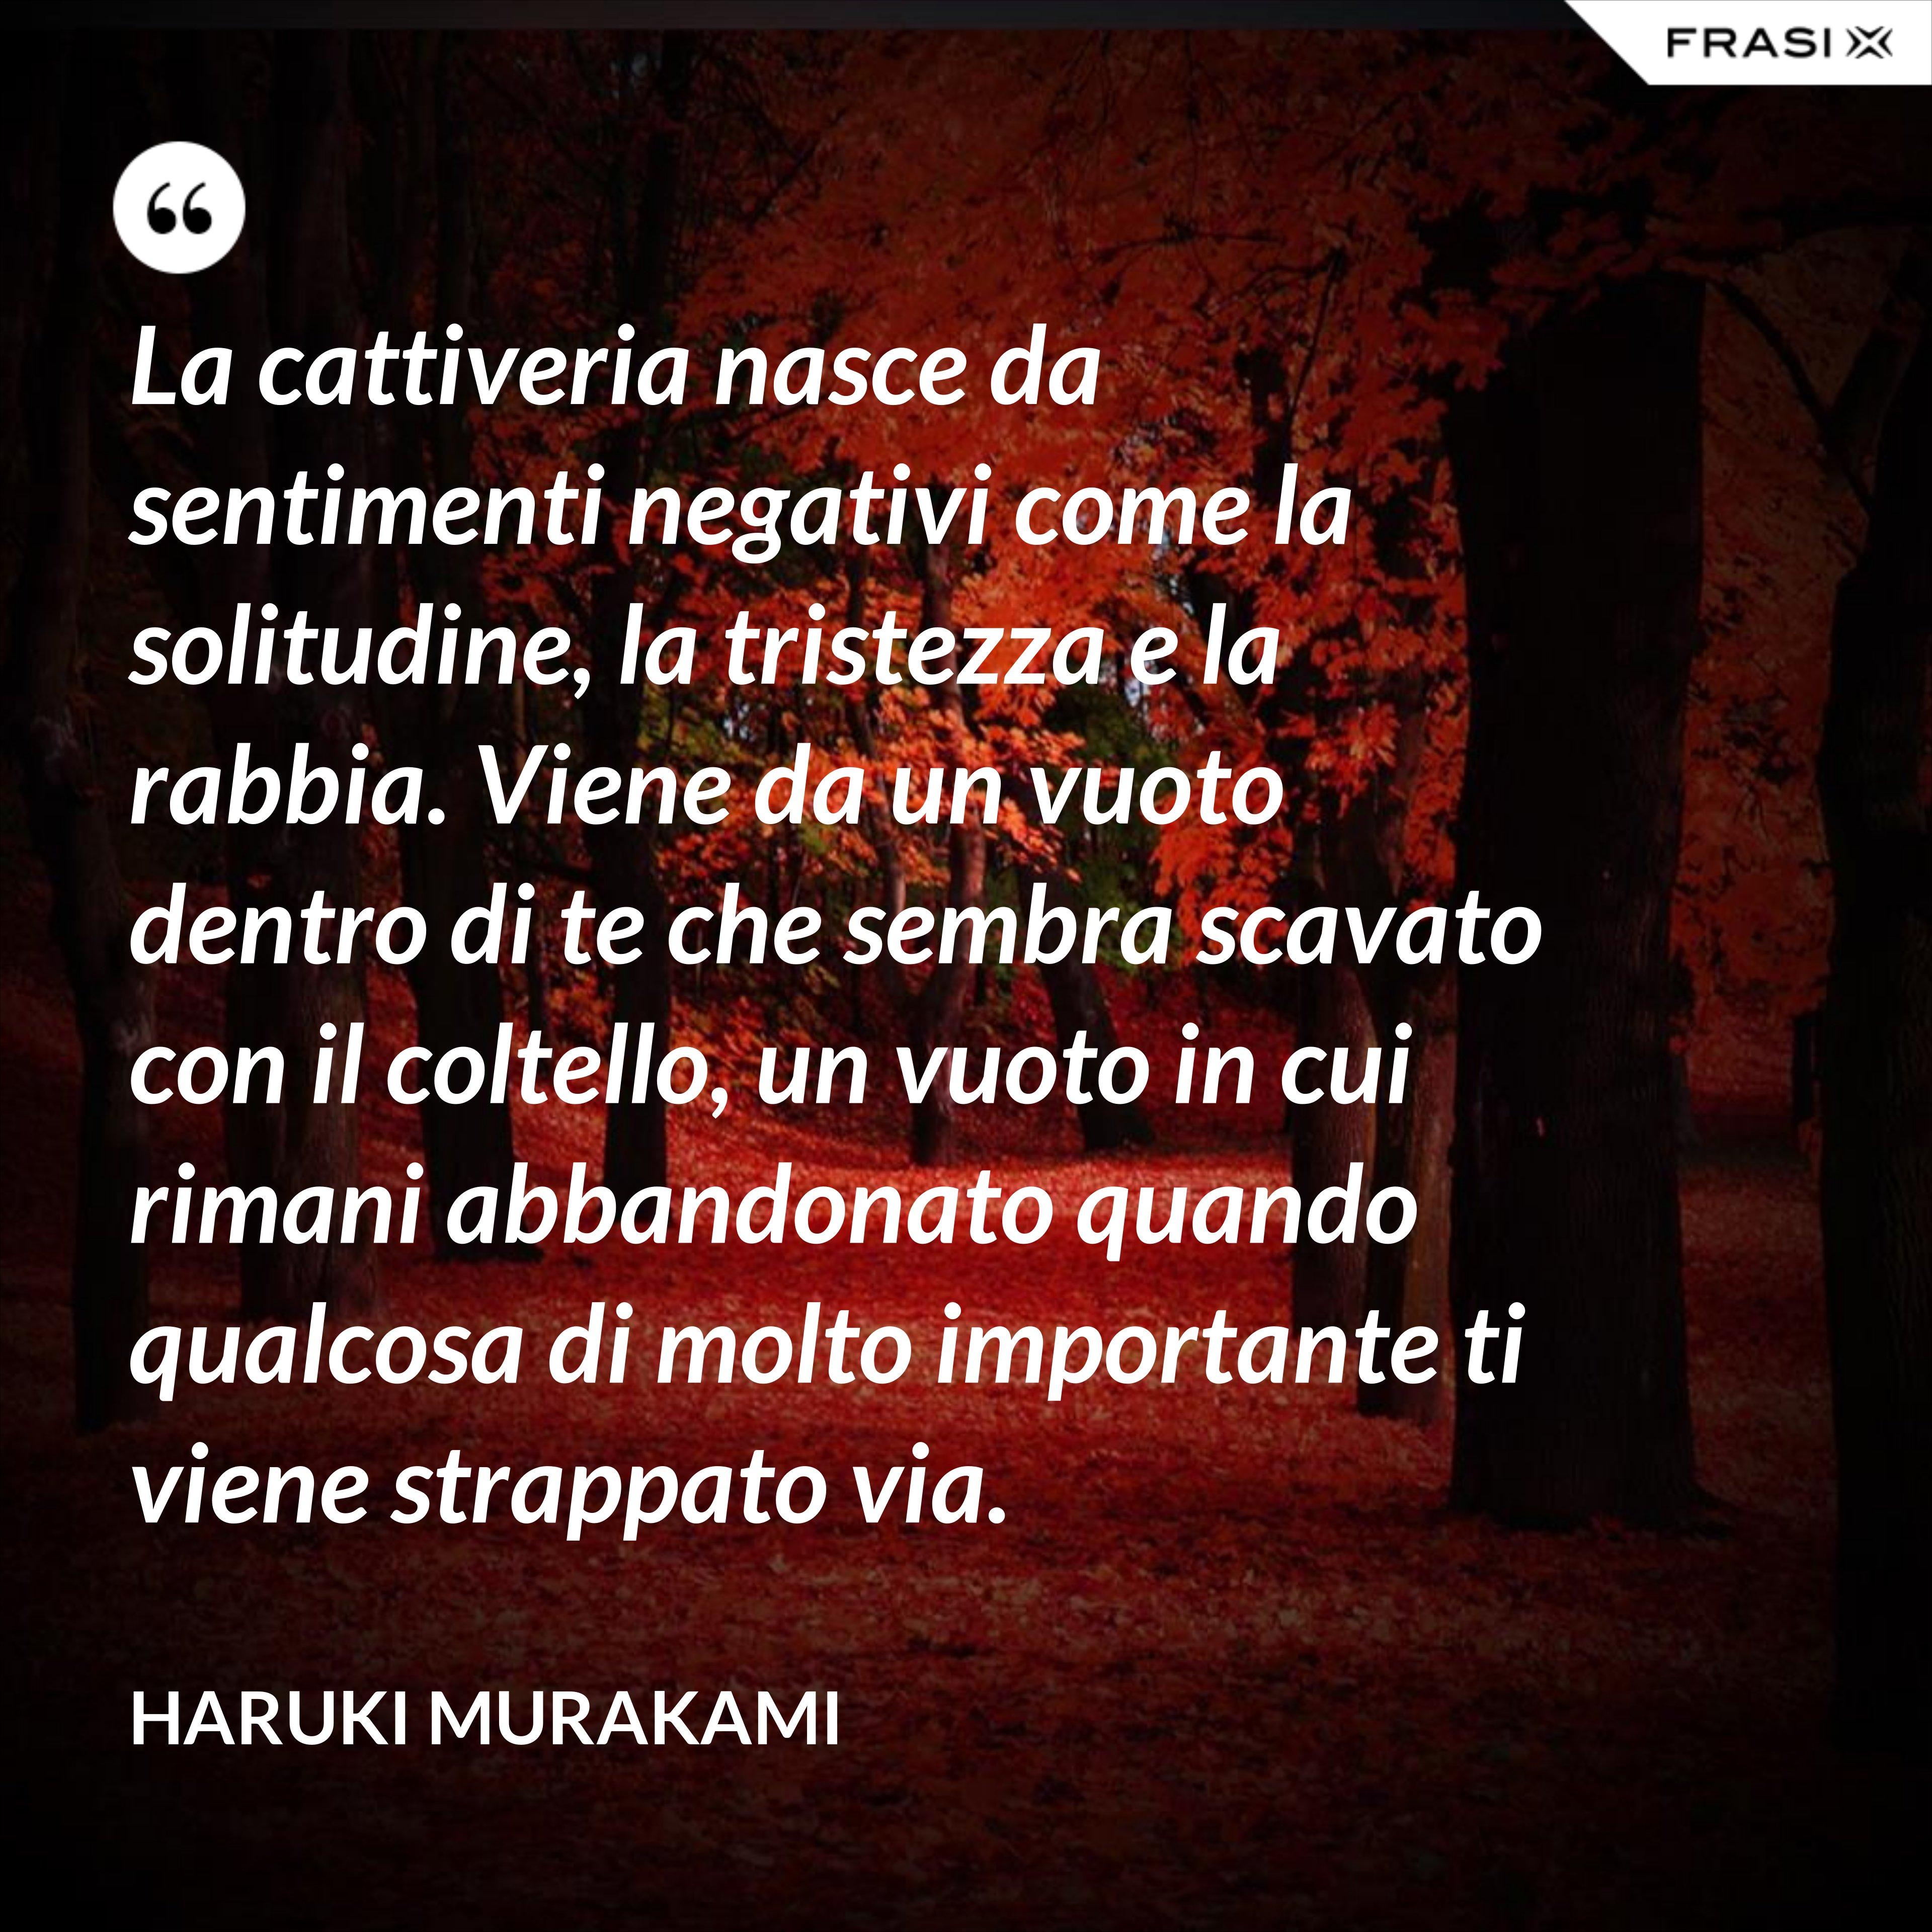 La cattiveria nasce da sentimenti negativi come la solitudine, la tristezza e la rabbia. Viene da un vuoto dentro di te che sembra scavato con il coltello, un vuoto in cui rimani abbandonato quando qualcosa di molto importante ti viene strappato via. - Haruki Murakami